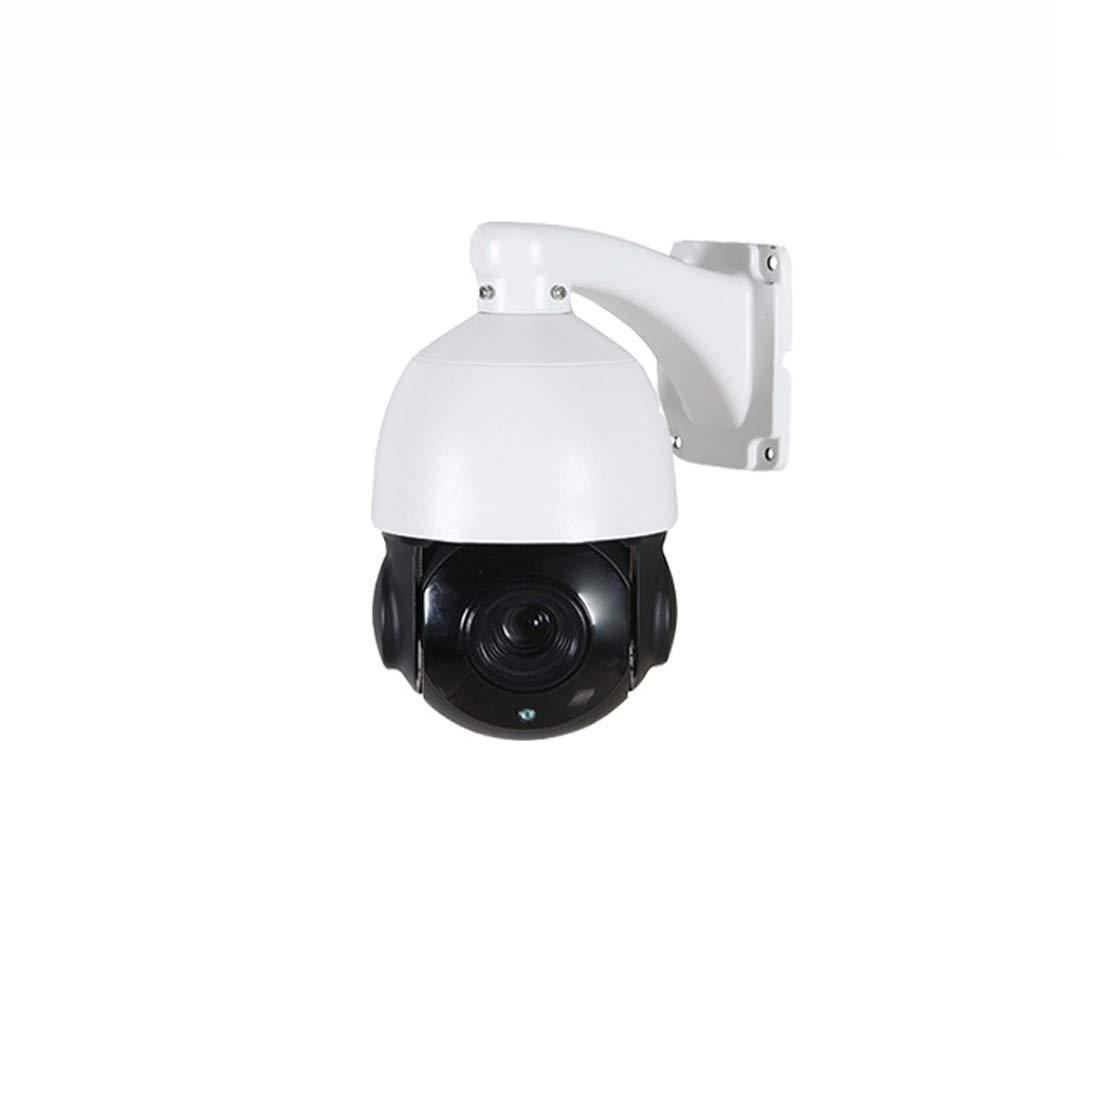 【ふるさと割】 JPAKIOS 30倍赤外線ミニ中高速監視カメラ (色 : ホワイト)  ホワイト B07QQQCL7R, ジュエリーワールド ラマジェムス e34825c2